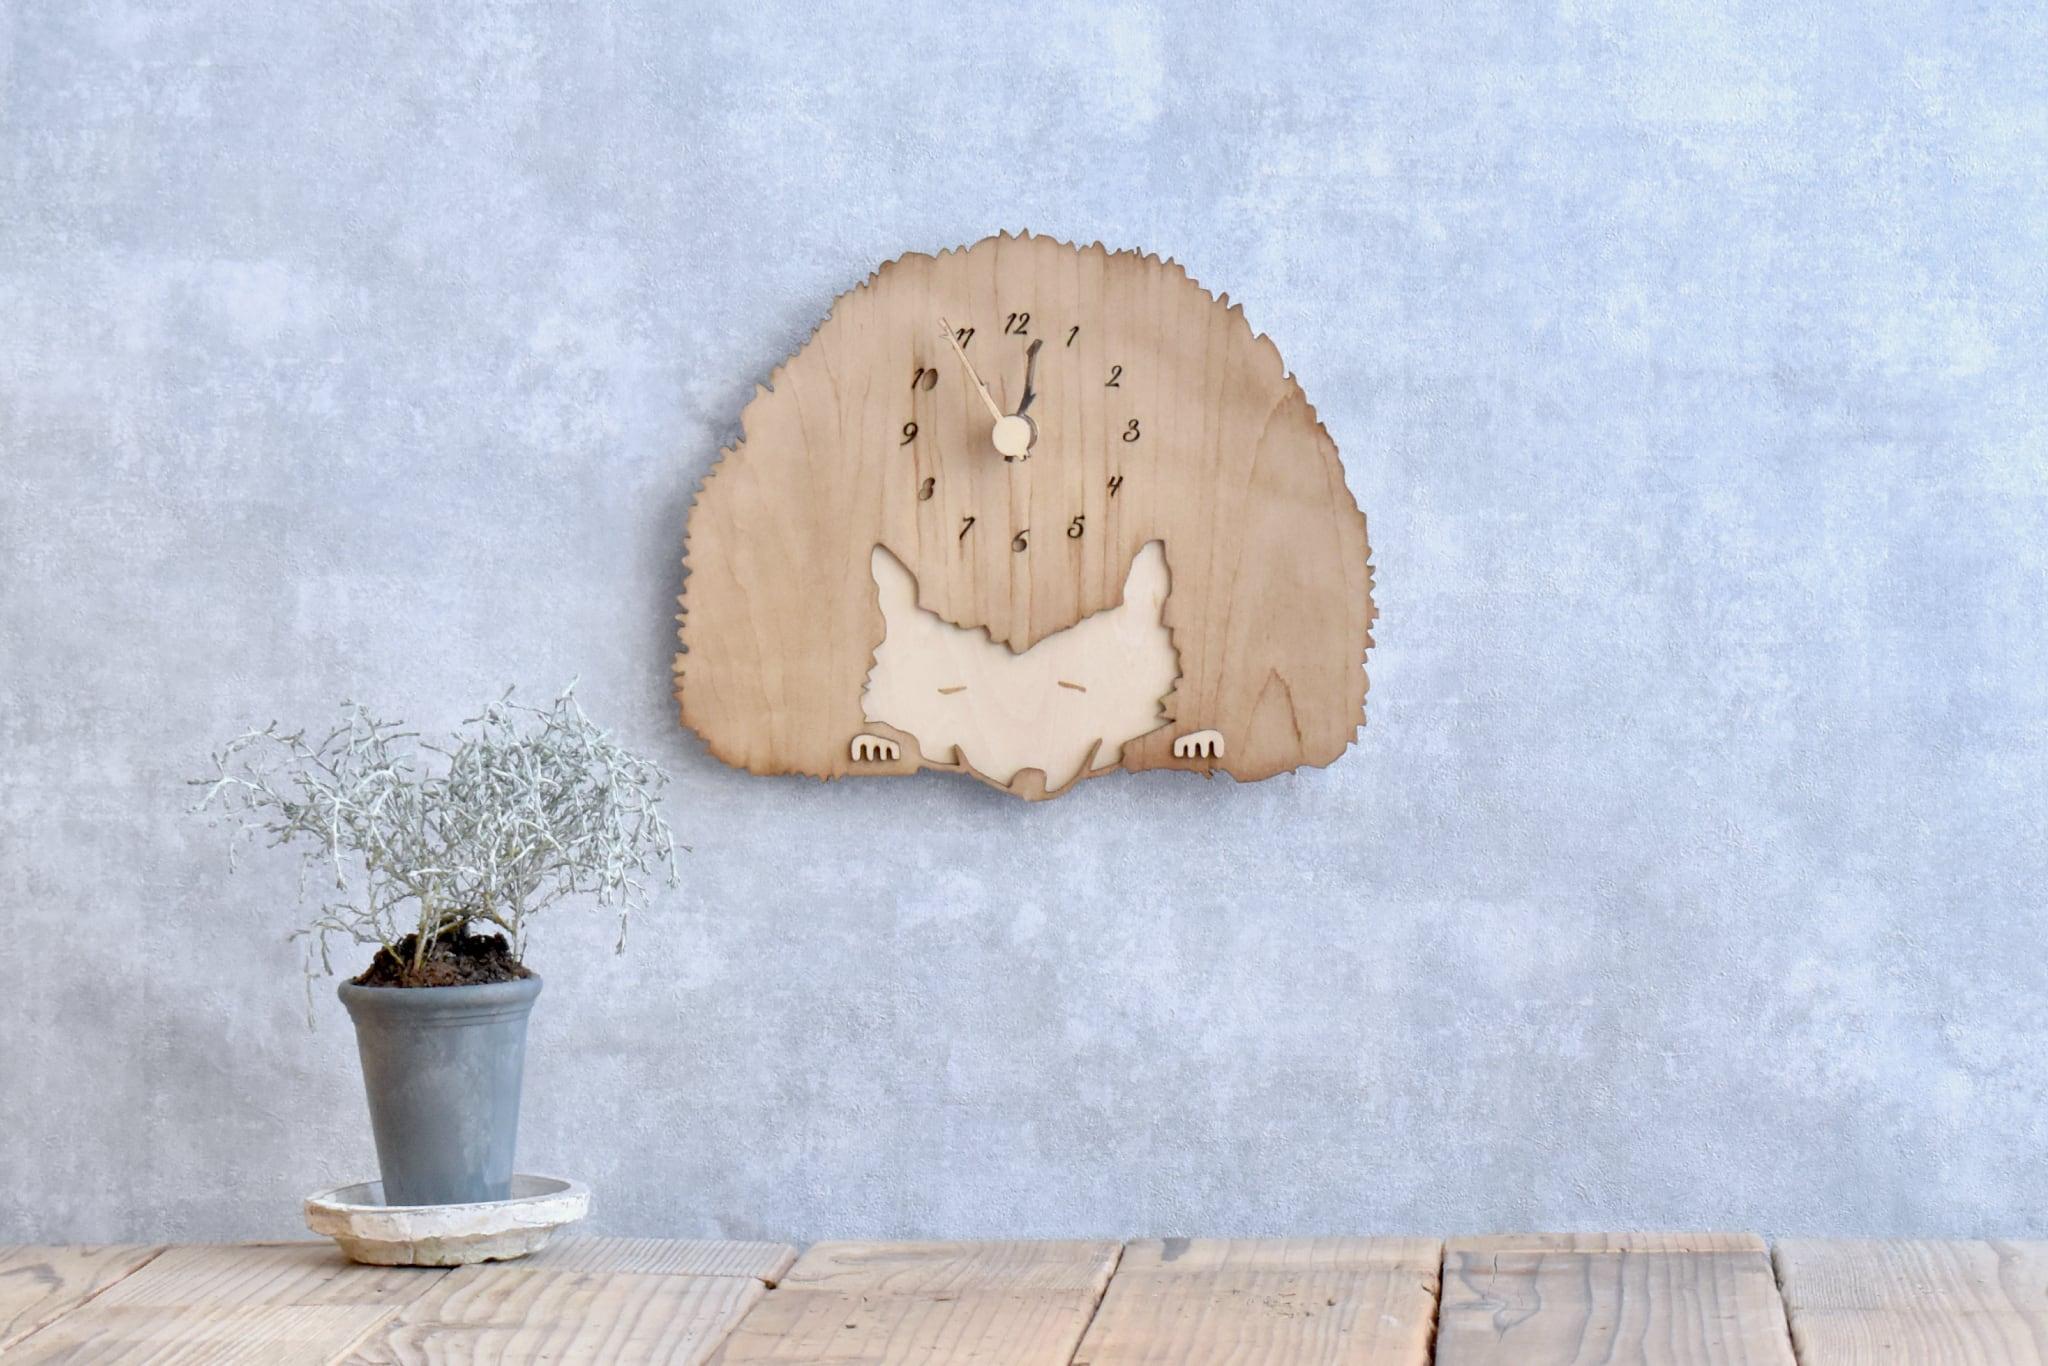 シナ材でつくったハリネズミの時計 木製 掛け時計